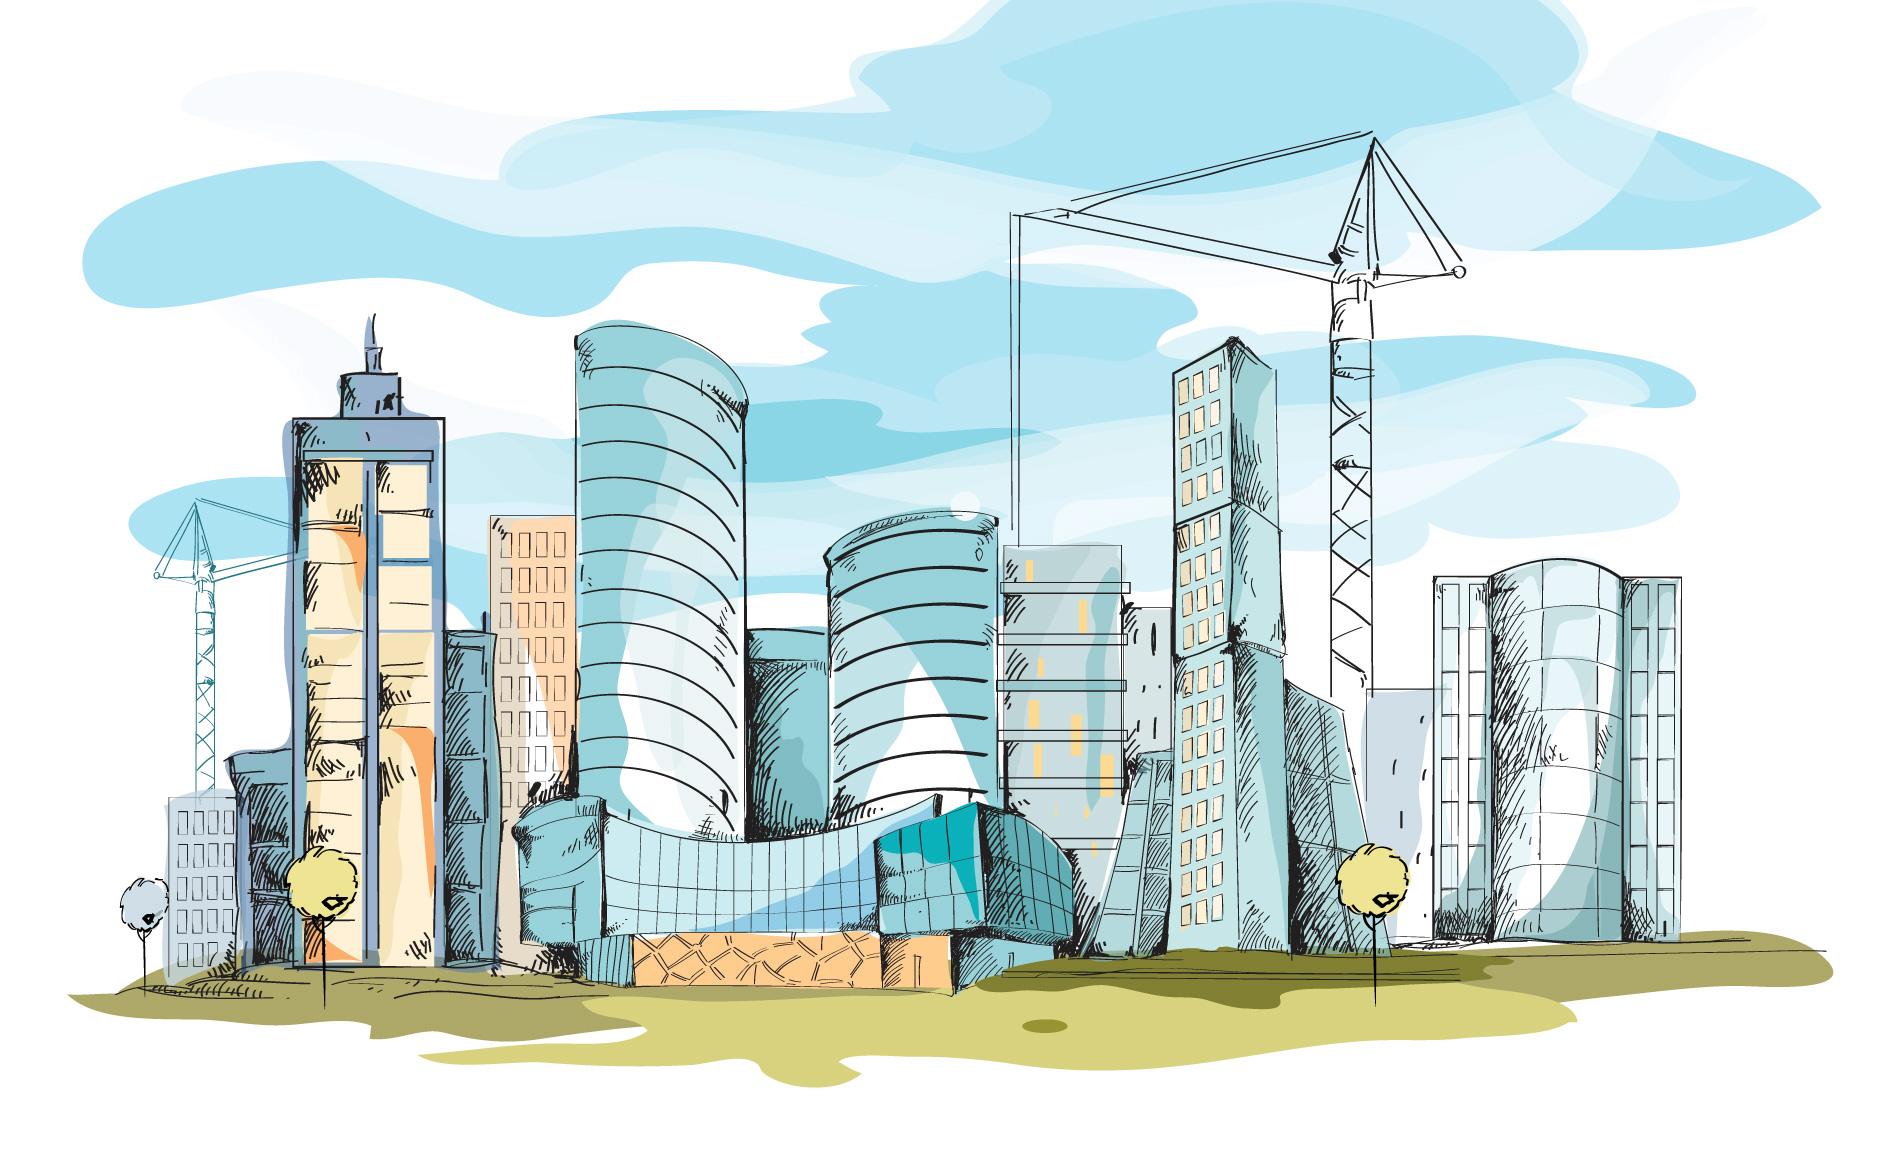 #Verwaltungsreform: Wie Kommunen die Zukunft meistern